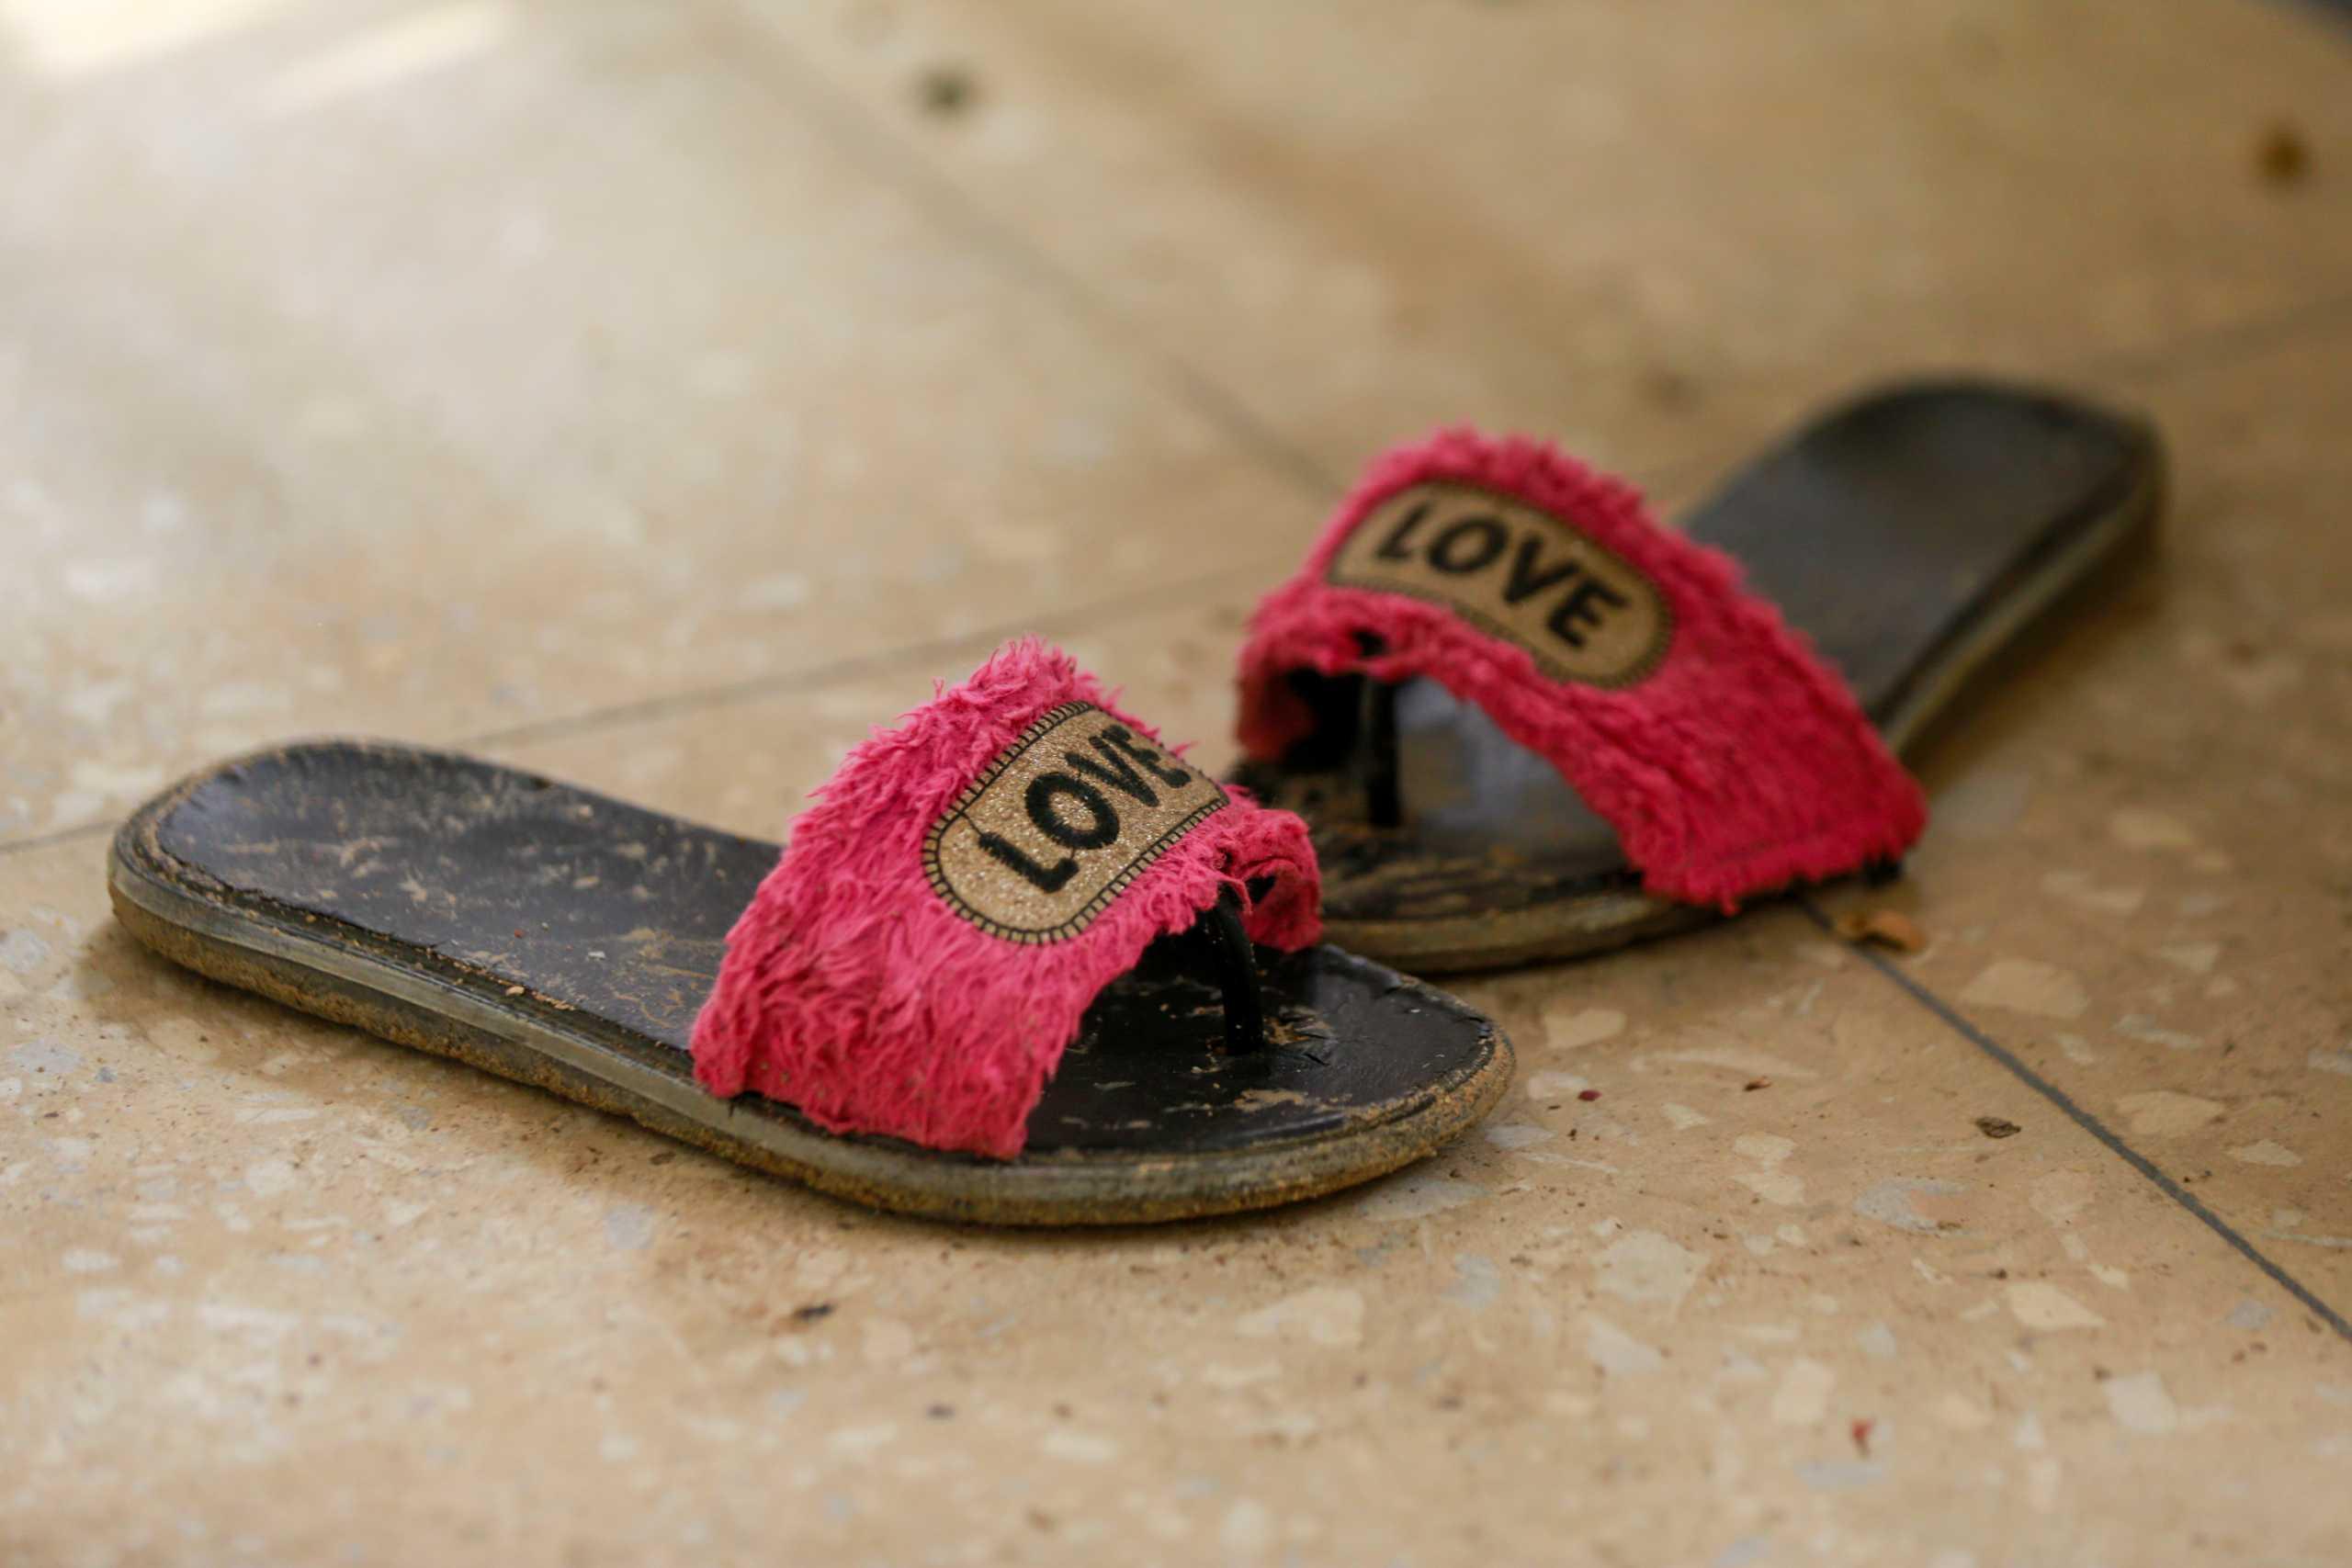 Νιγηρία: Επτά χρόνια από την αρπαγή των «κοριτσιών του Τσιμπόκ» 100 ακόμη αγνοούνται